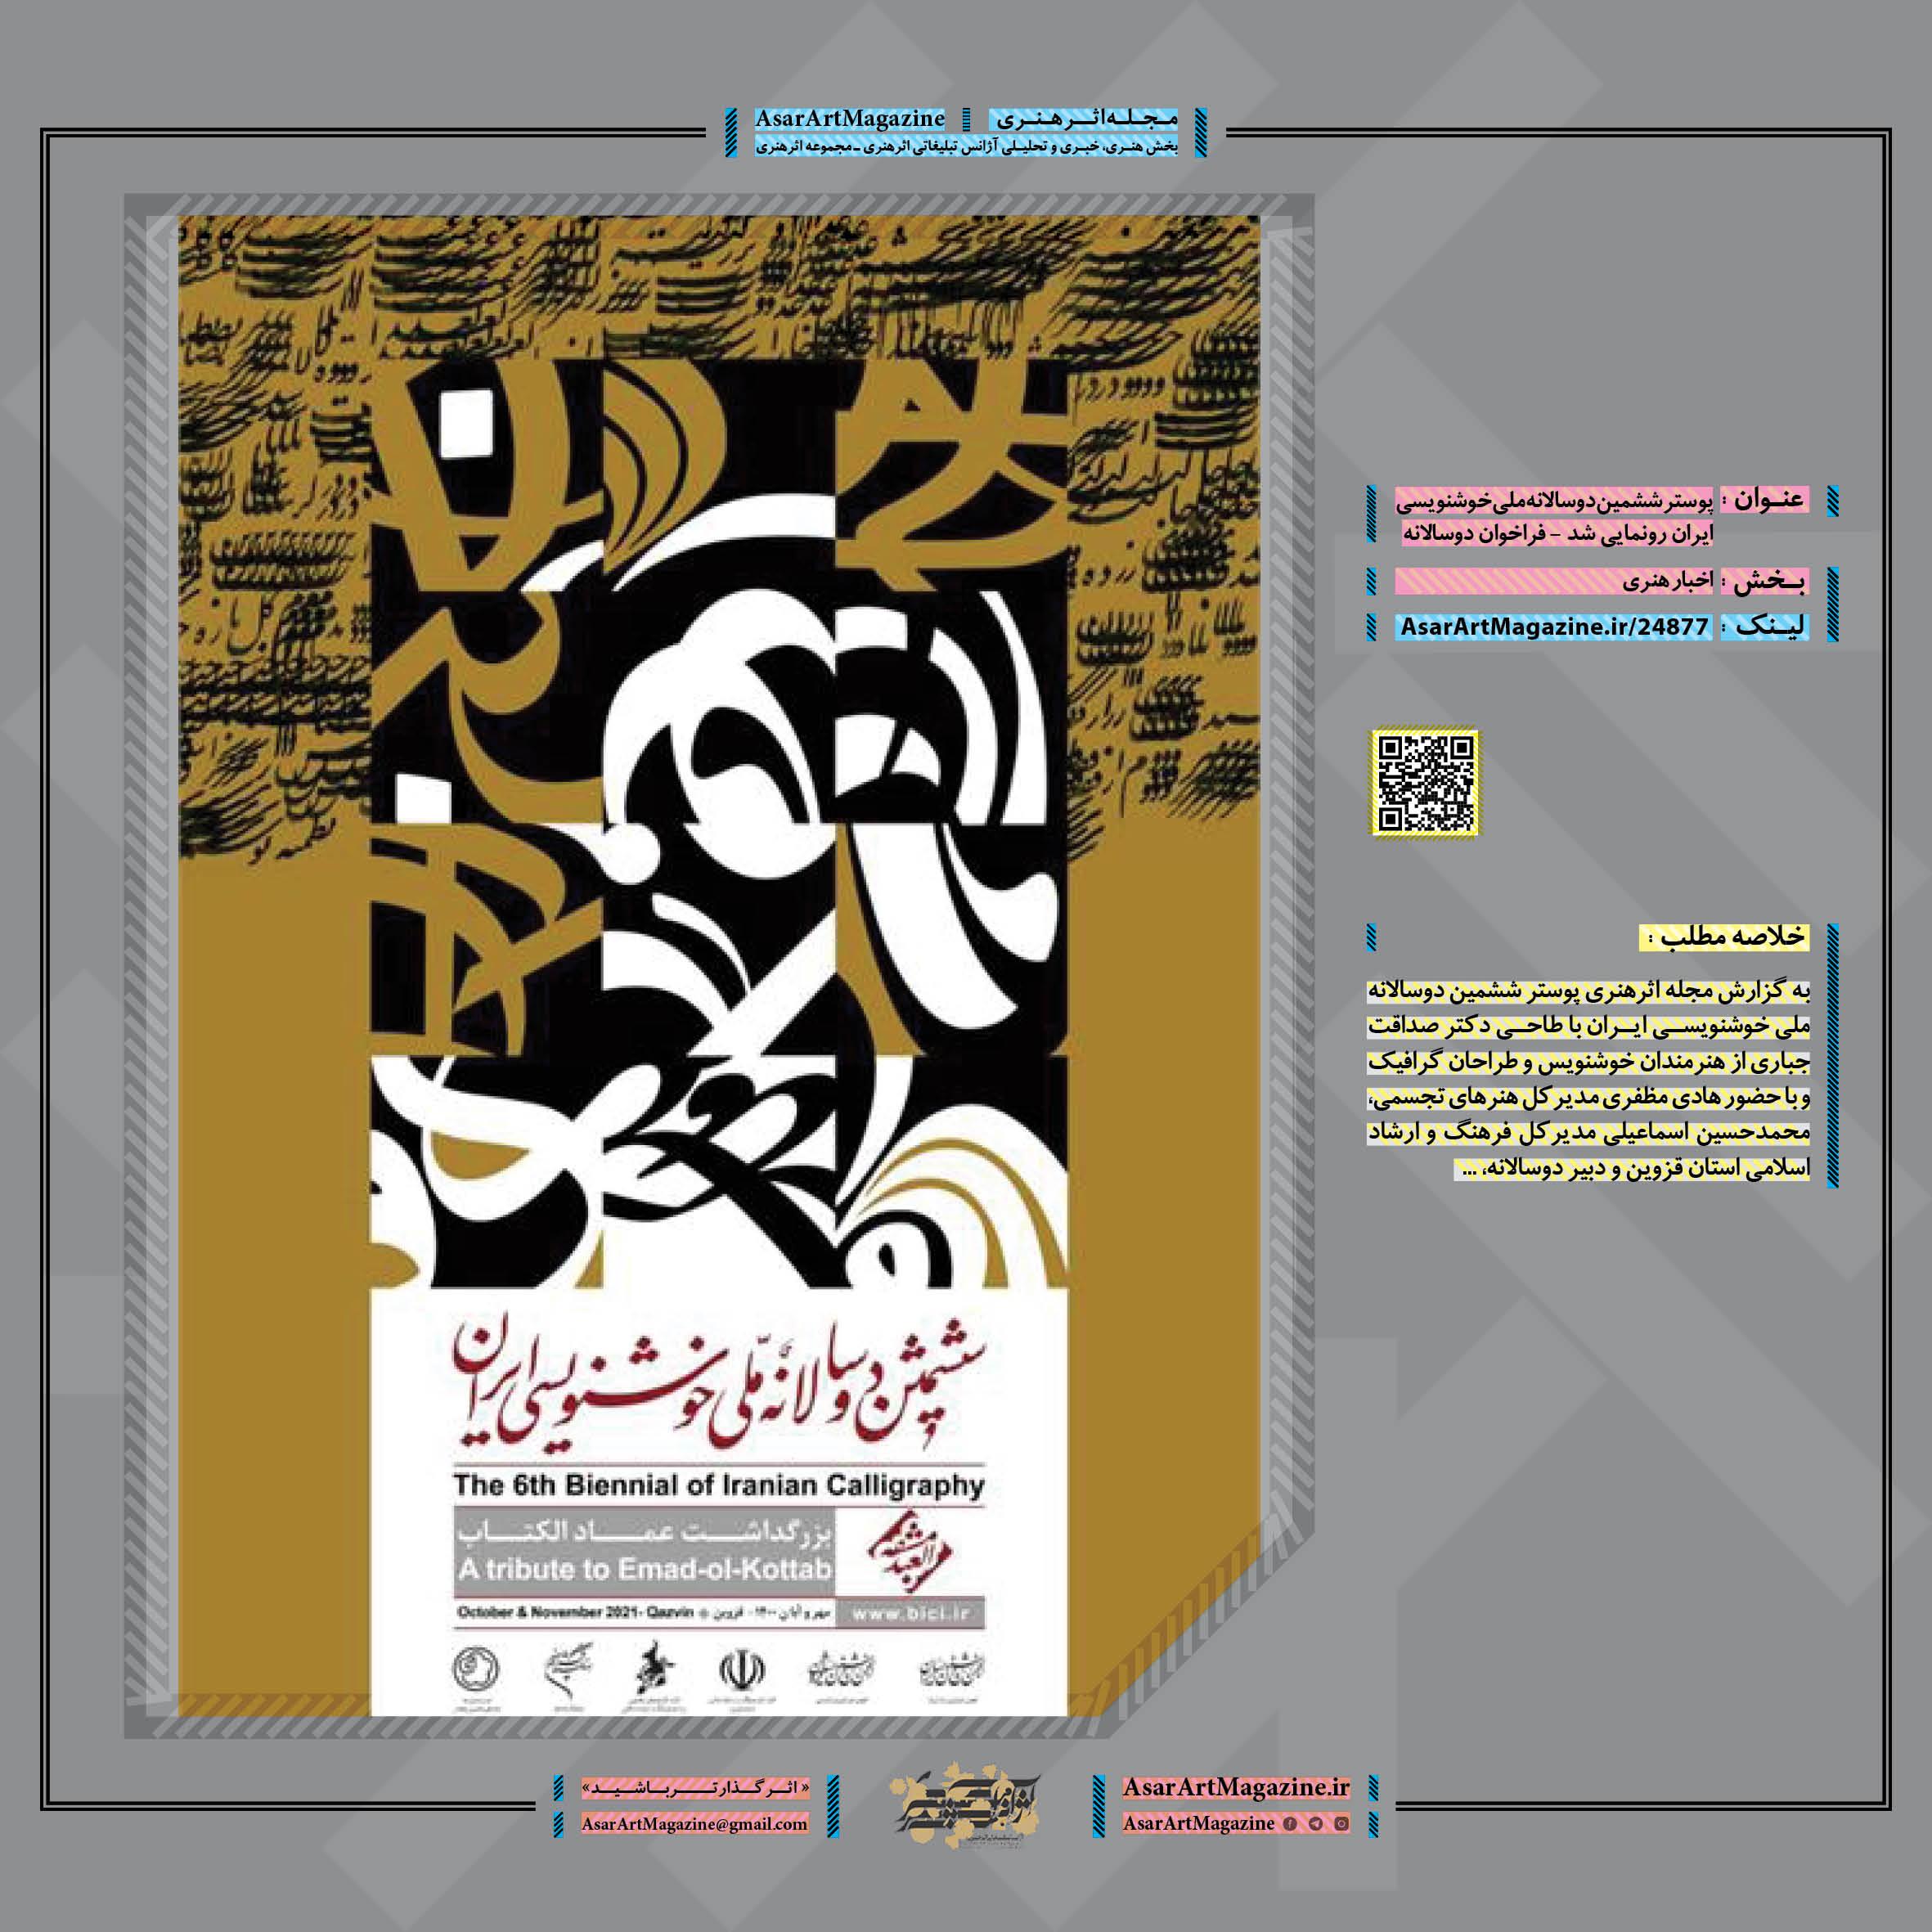 پوستر ششمین دوسالانه ملی خوشنویسی ایران رونمایی شد - فراخوان دوسالانه لینک : https://asarartmagazine.ir/?p=24877👇 سایت : AsarArtMagazine.ir اینستاگرام : instagram.com/AsarArtMagazine تلگرام :  t.me/AsarArtMagazine 👆